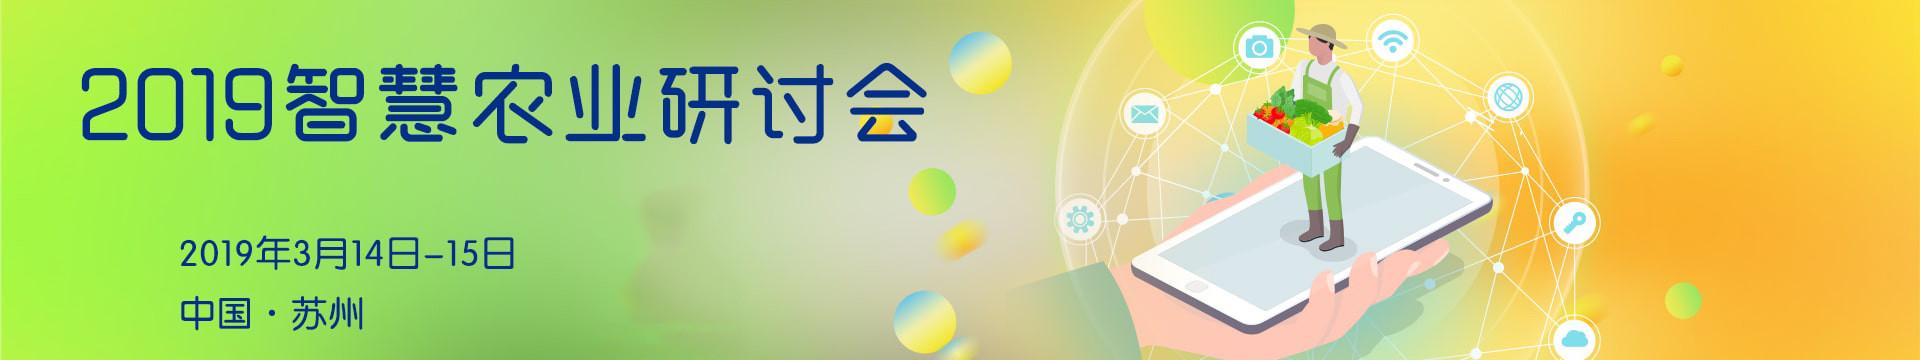 2019智慧农业研讨会(苏州)